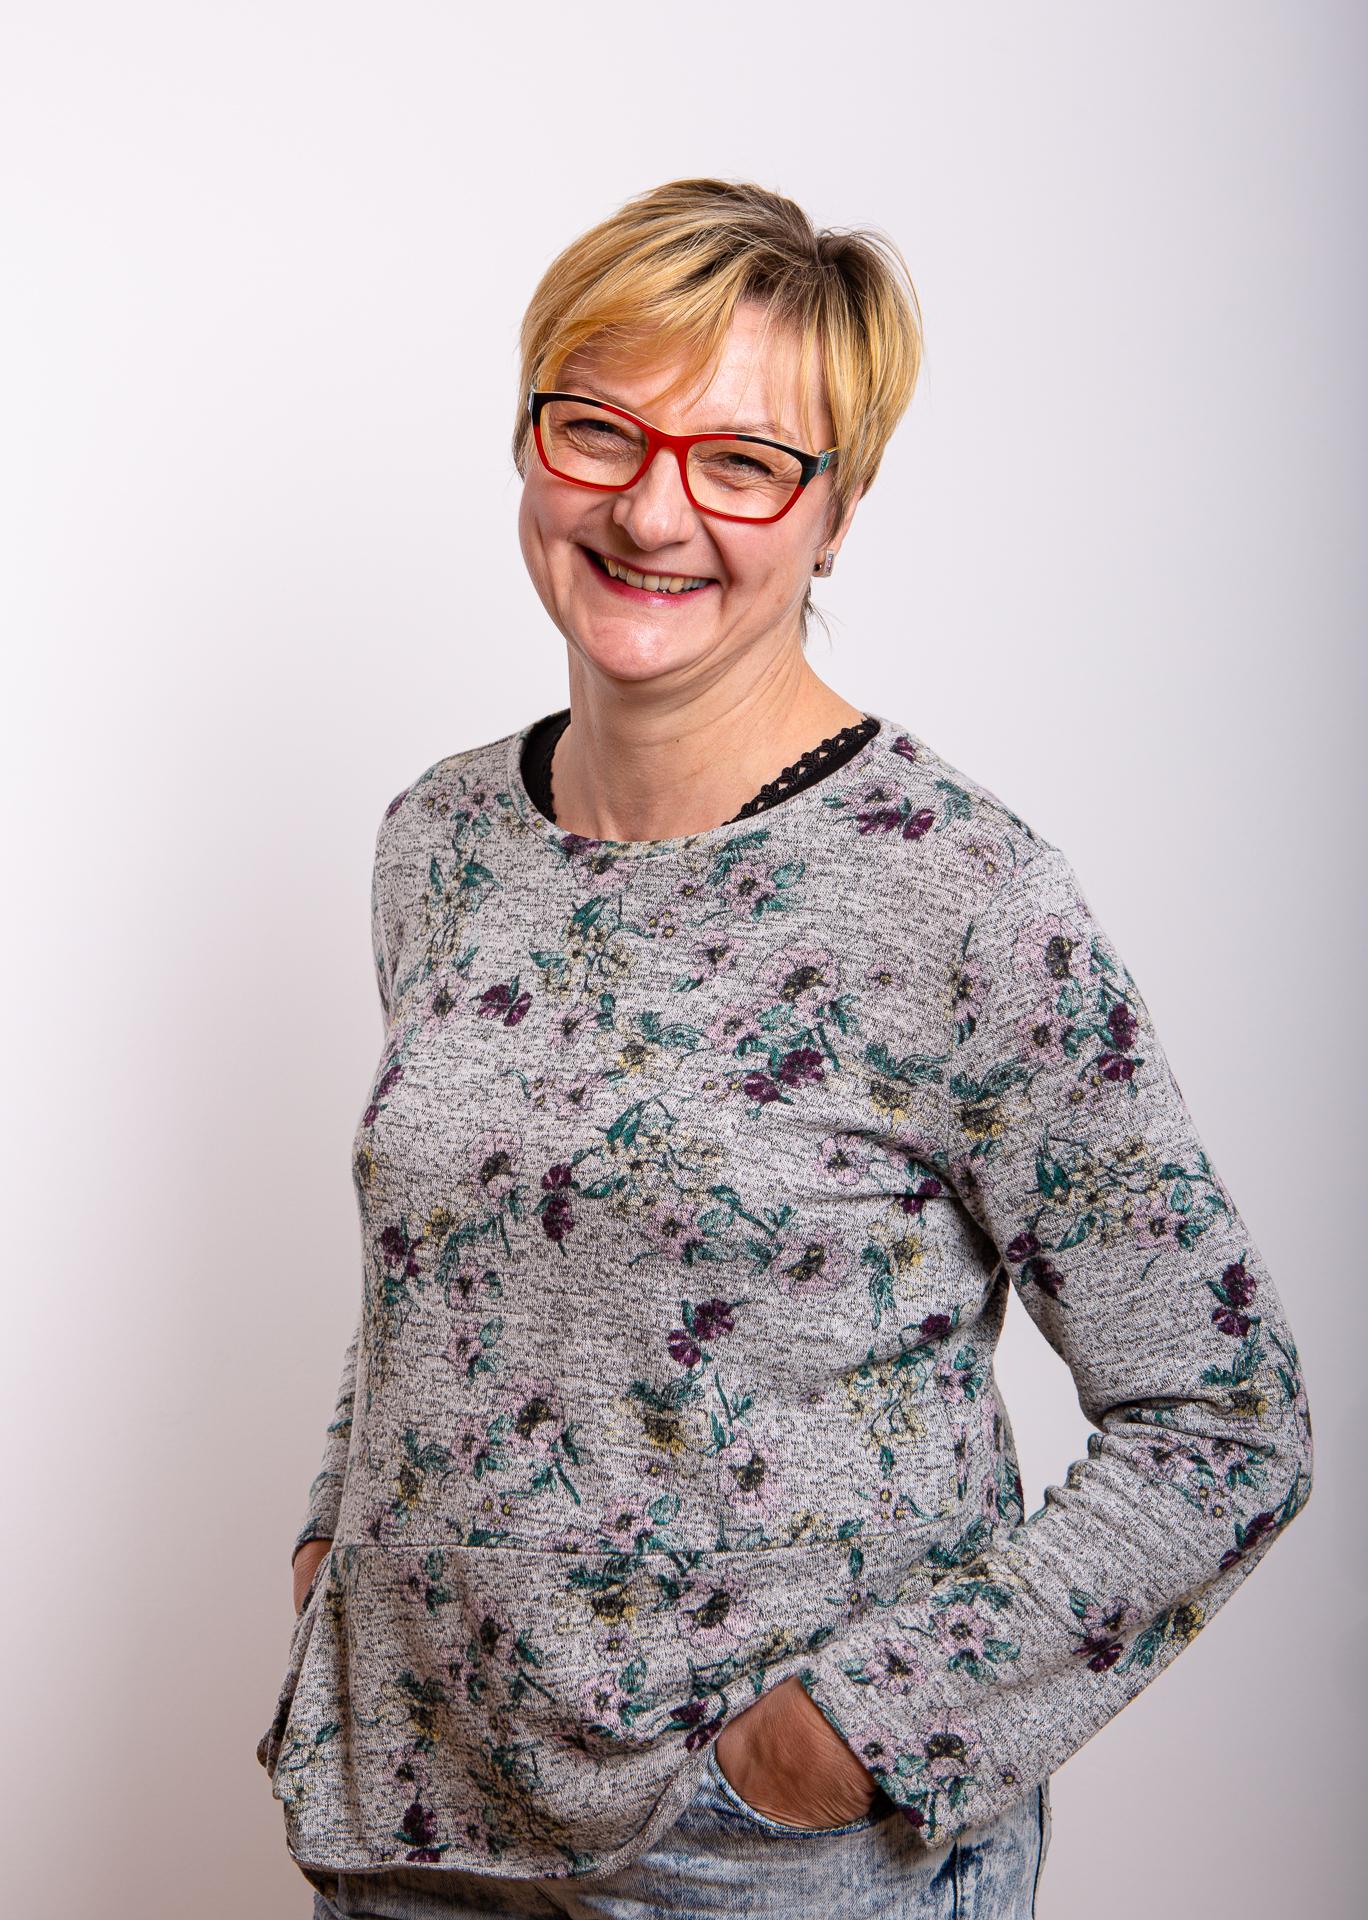 Gerlinde Becker